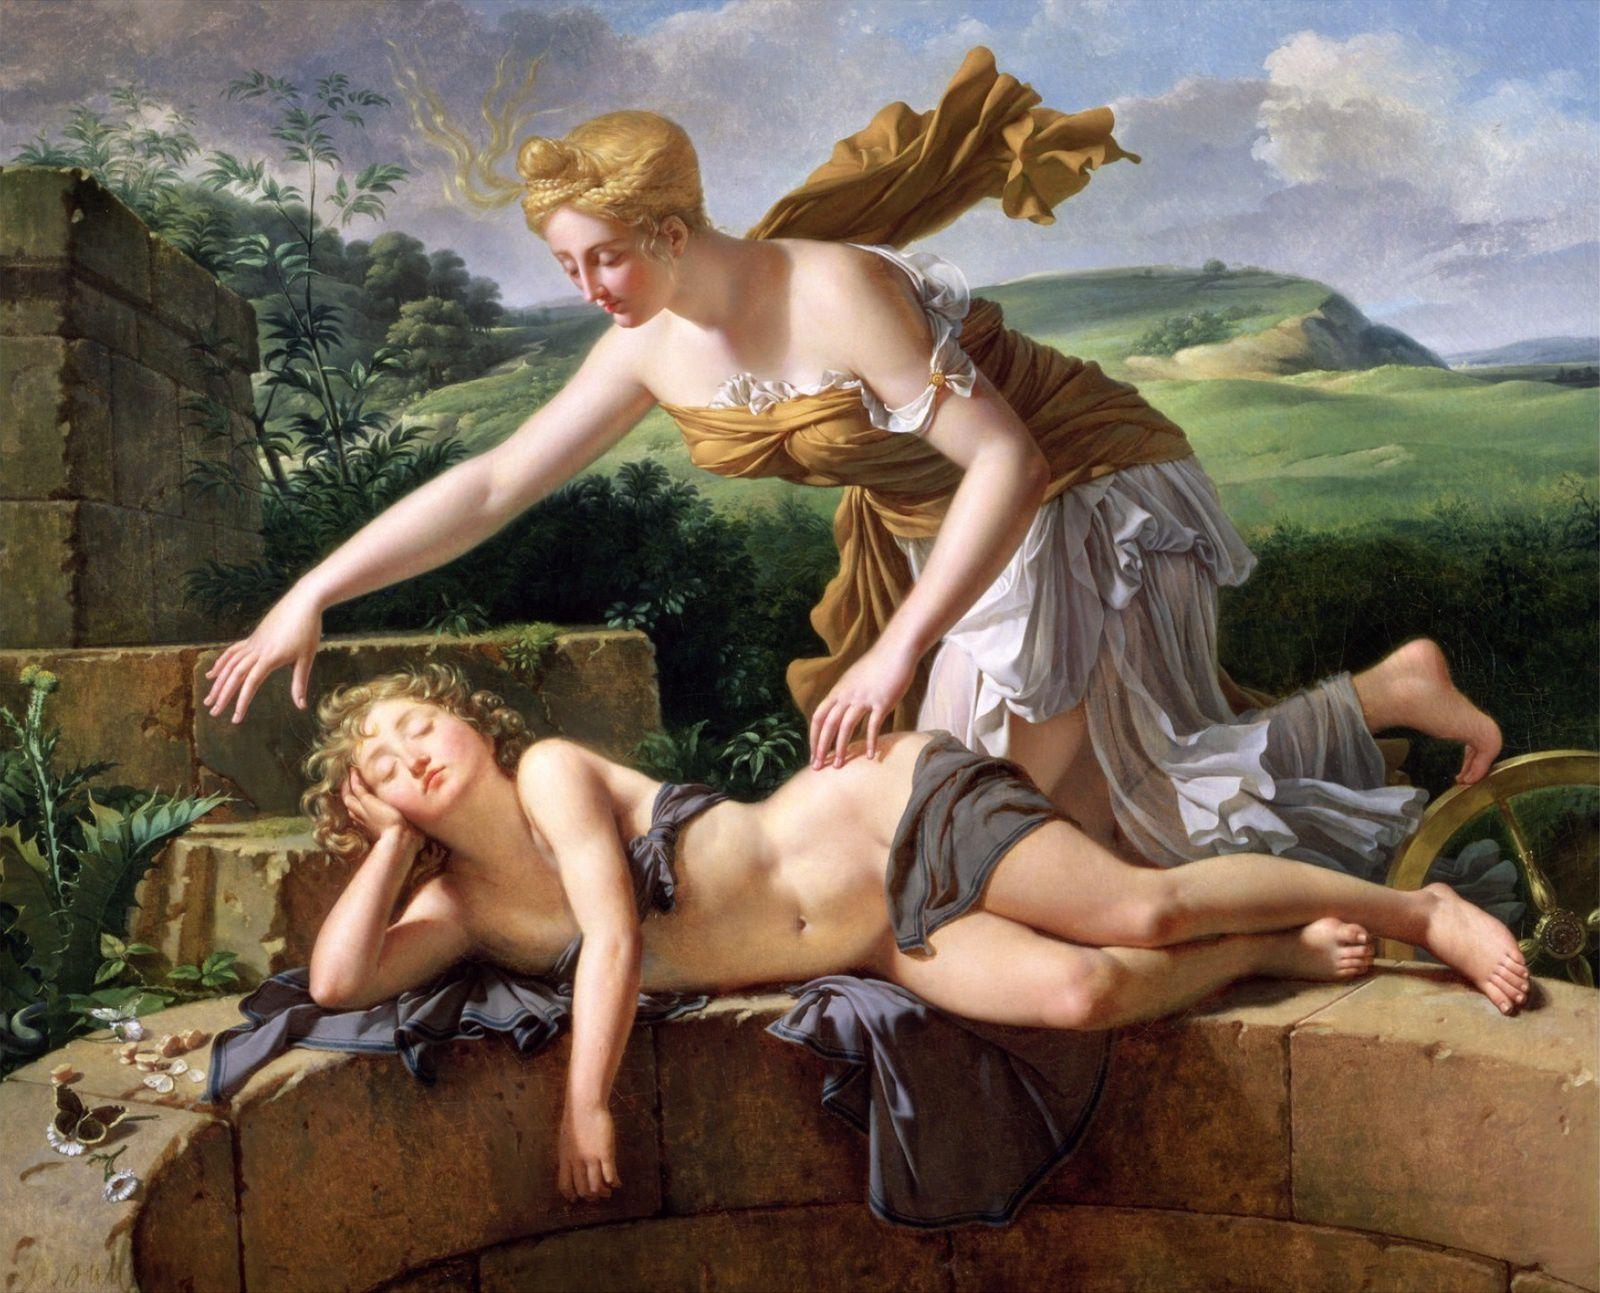 Pierre Bouillon (1776-1831), L'Enfant et la Fortune, 1801, Musée des Beaux-Arts de Rouen, France.